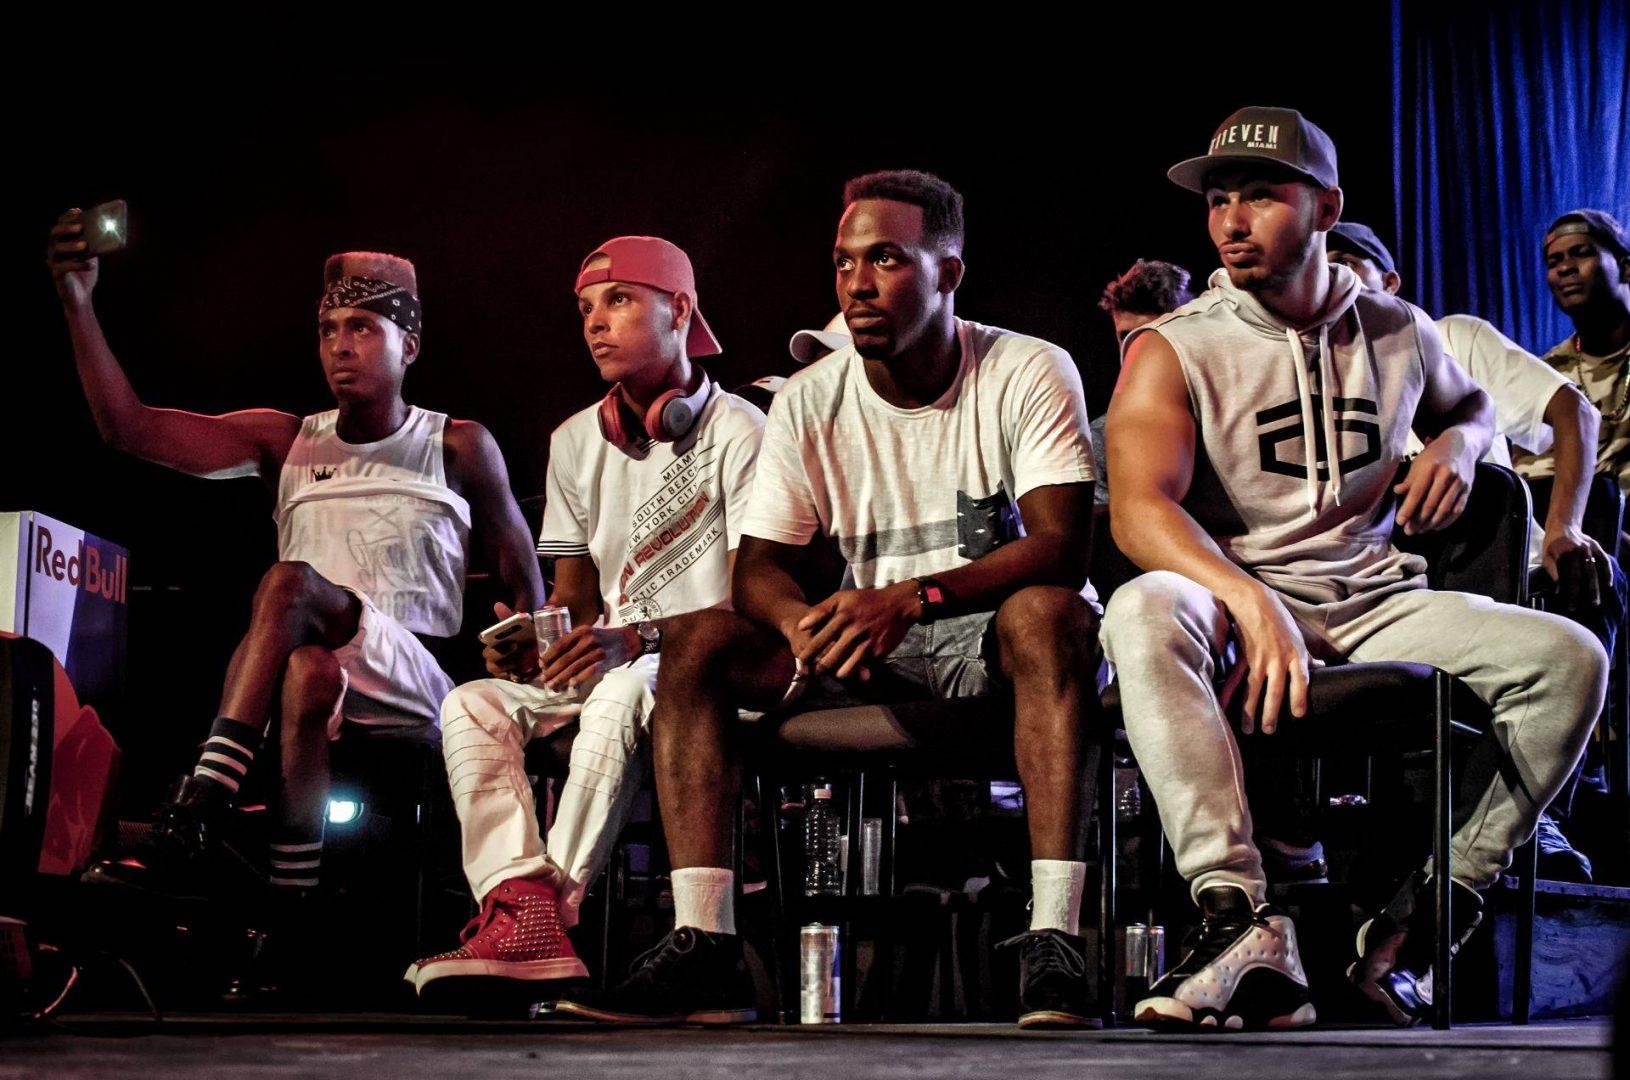 Final Nacional de la Red Bull Batalla de los Gallos, Cuba 2018. Foto: Kako Escalona / Magazine AM:PM.